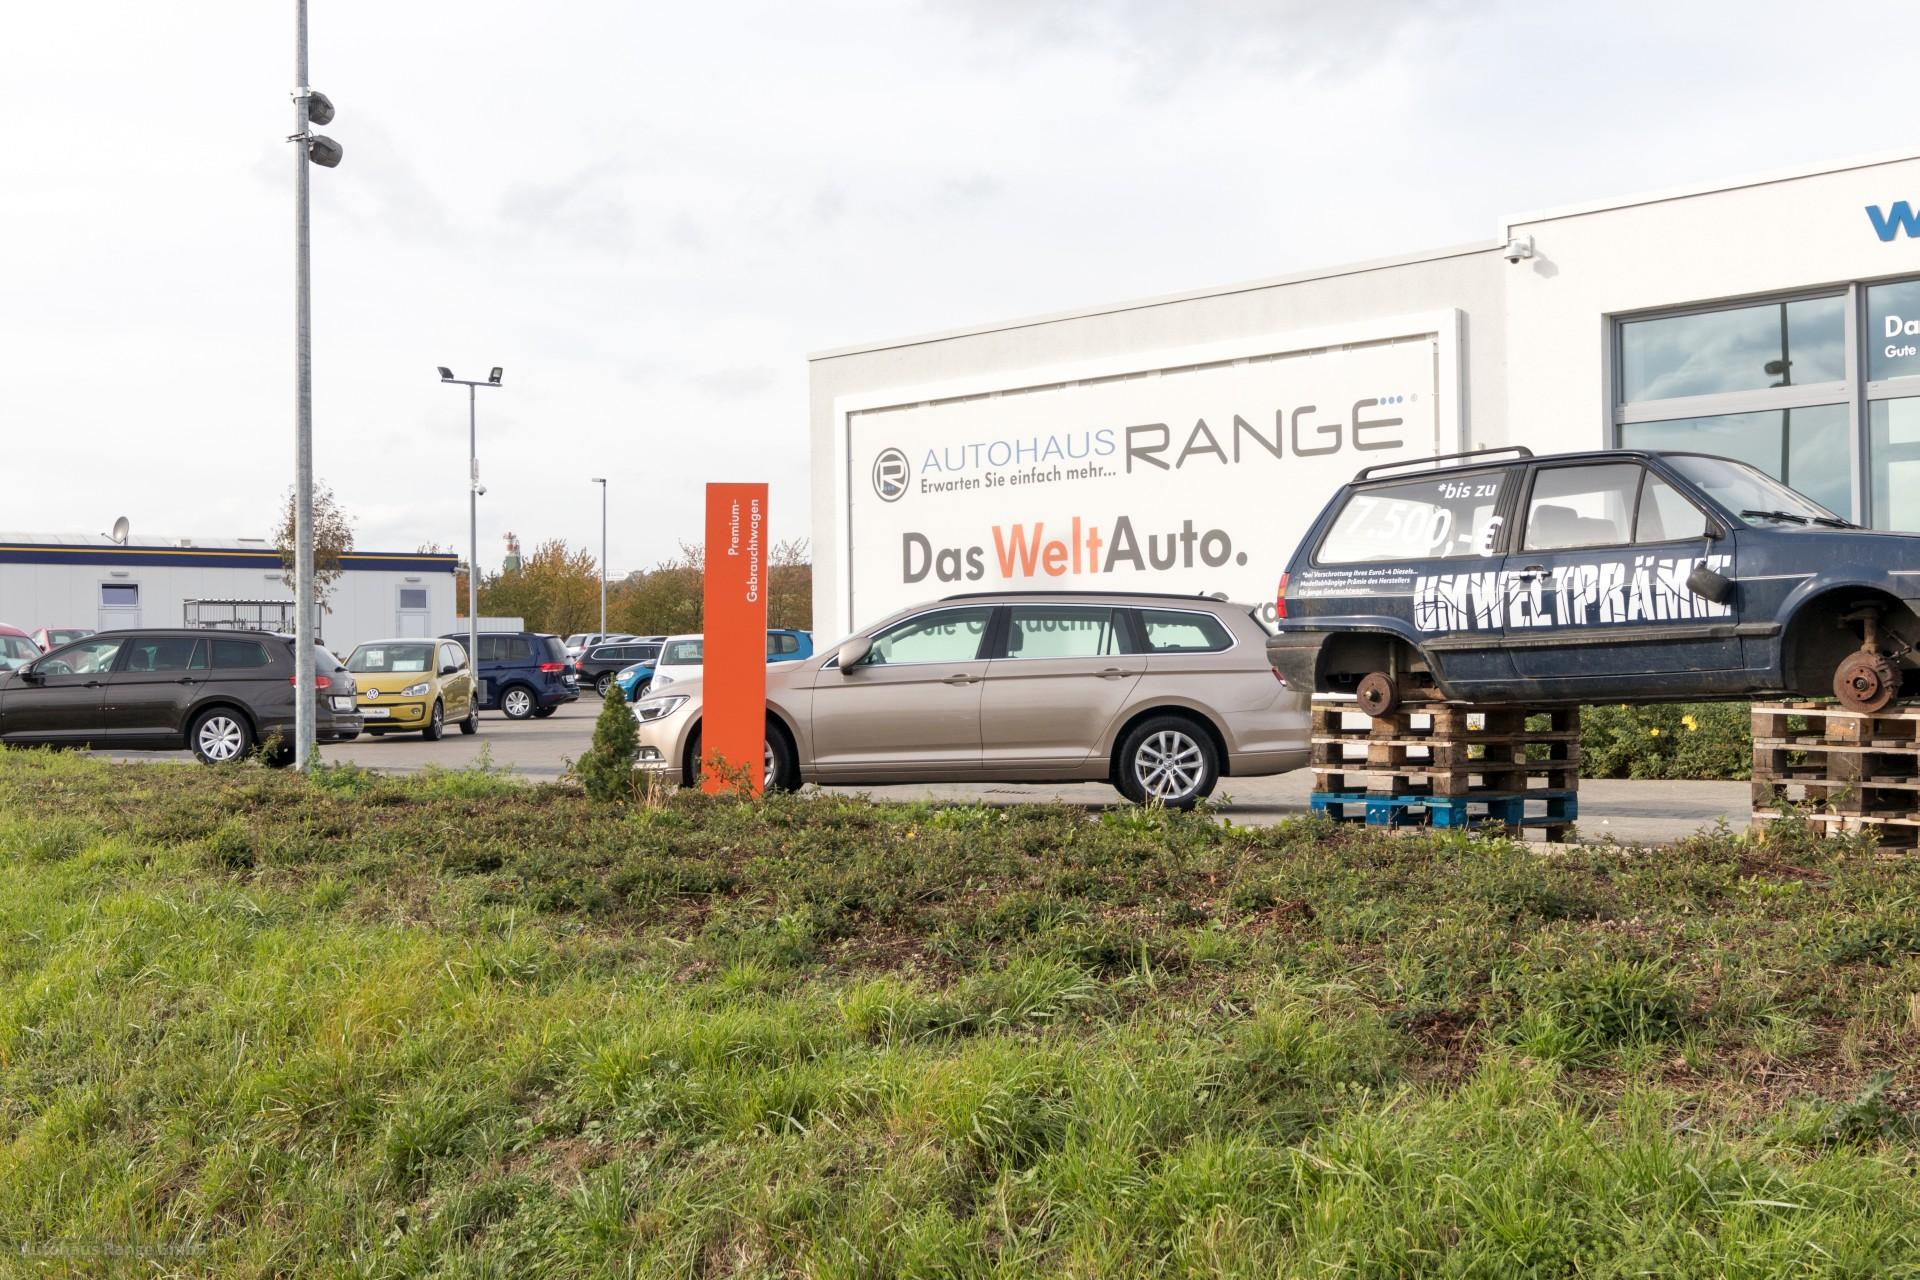 VW AutoWelt Autohaus Range